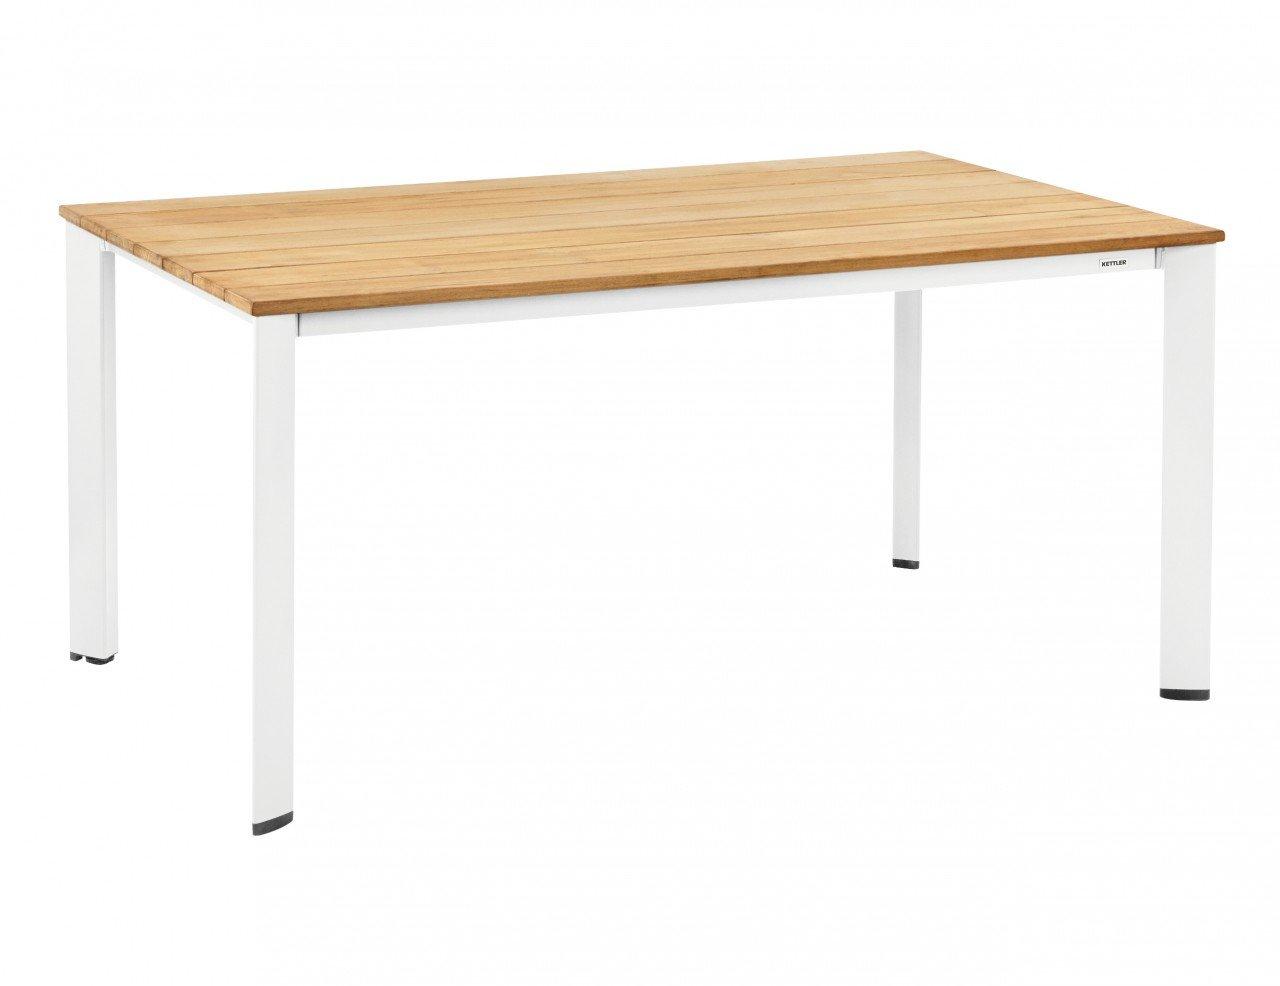 Kettler Gartentisch 160x95.Kettler Advantage Lofttisch 160 X 95 Cm Alu Kettalux